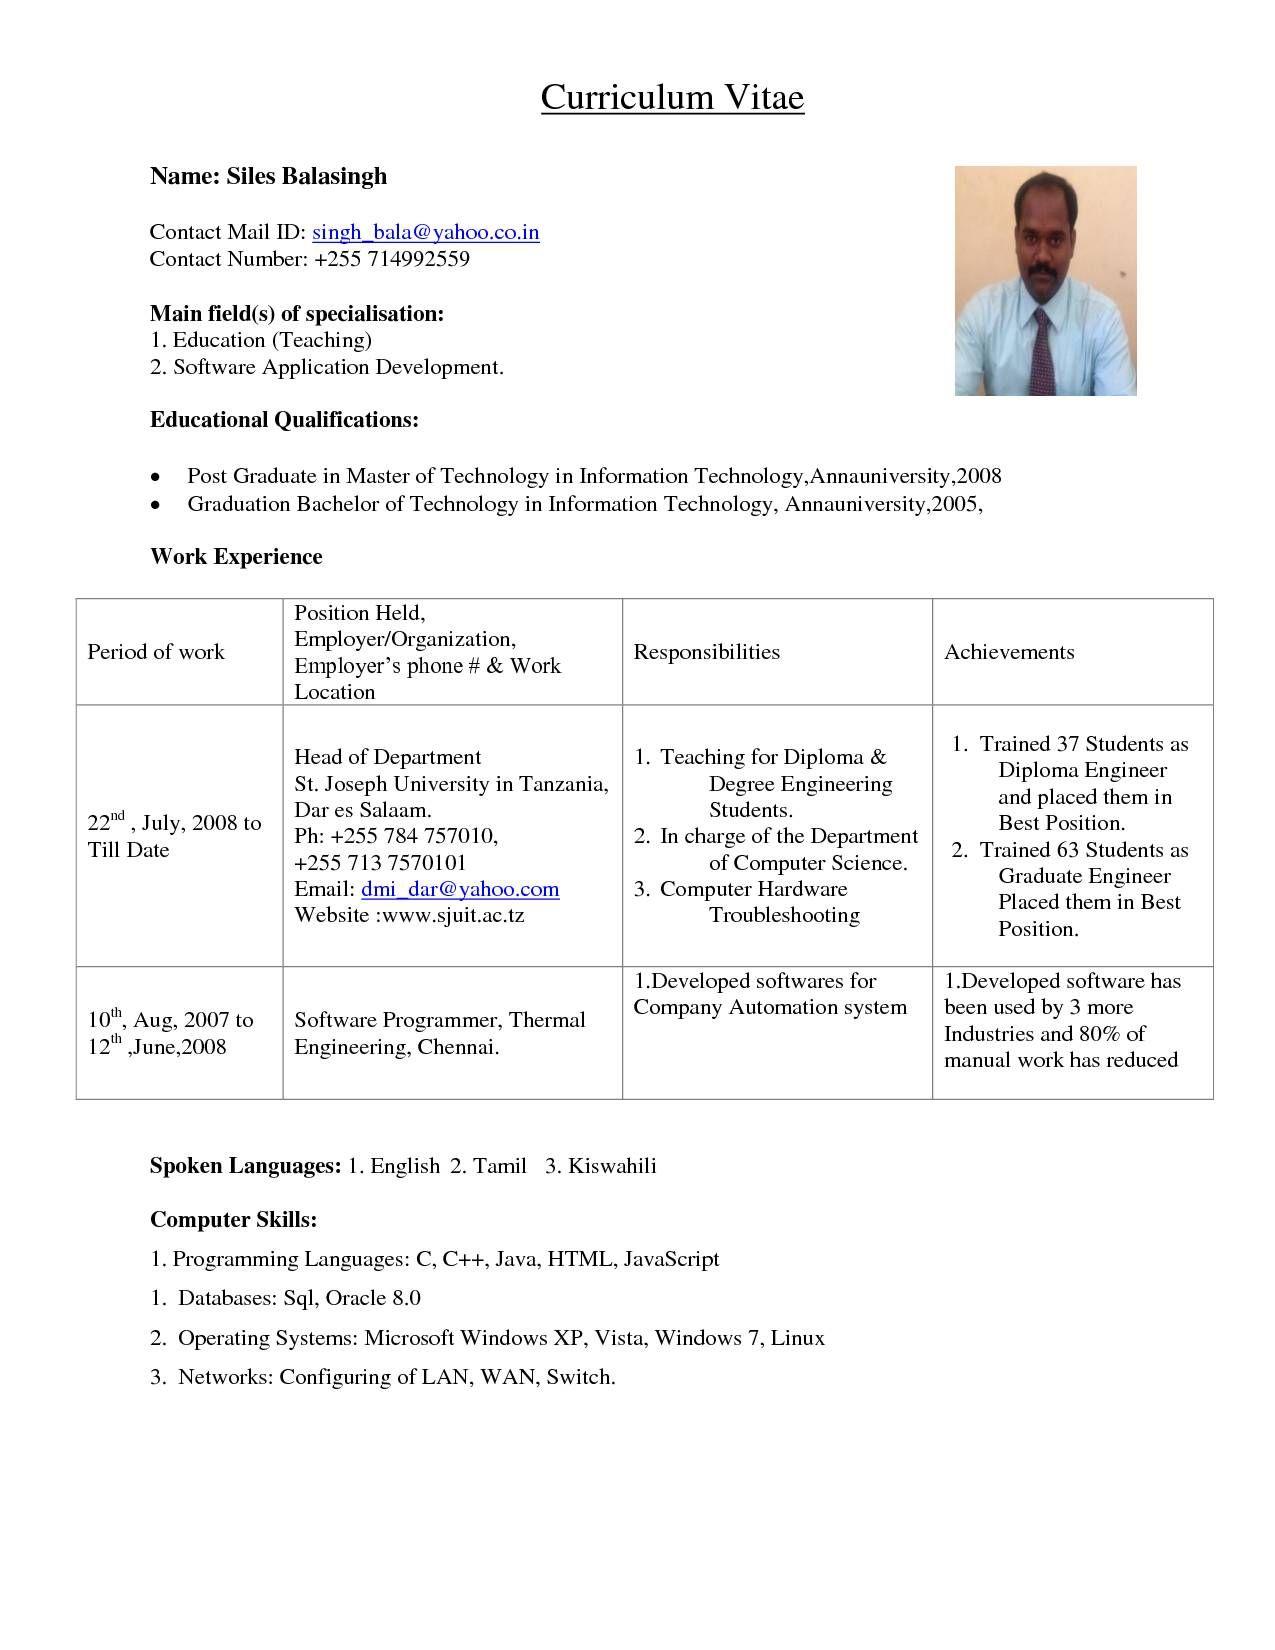 Sample Resume Format For Assistant Professor In Engineering Teaching Jobs Engineering Jobs Teaching